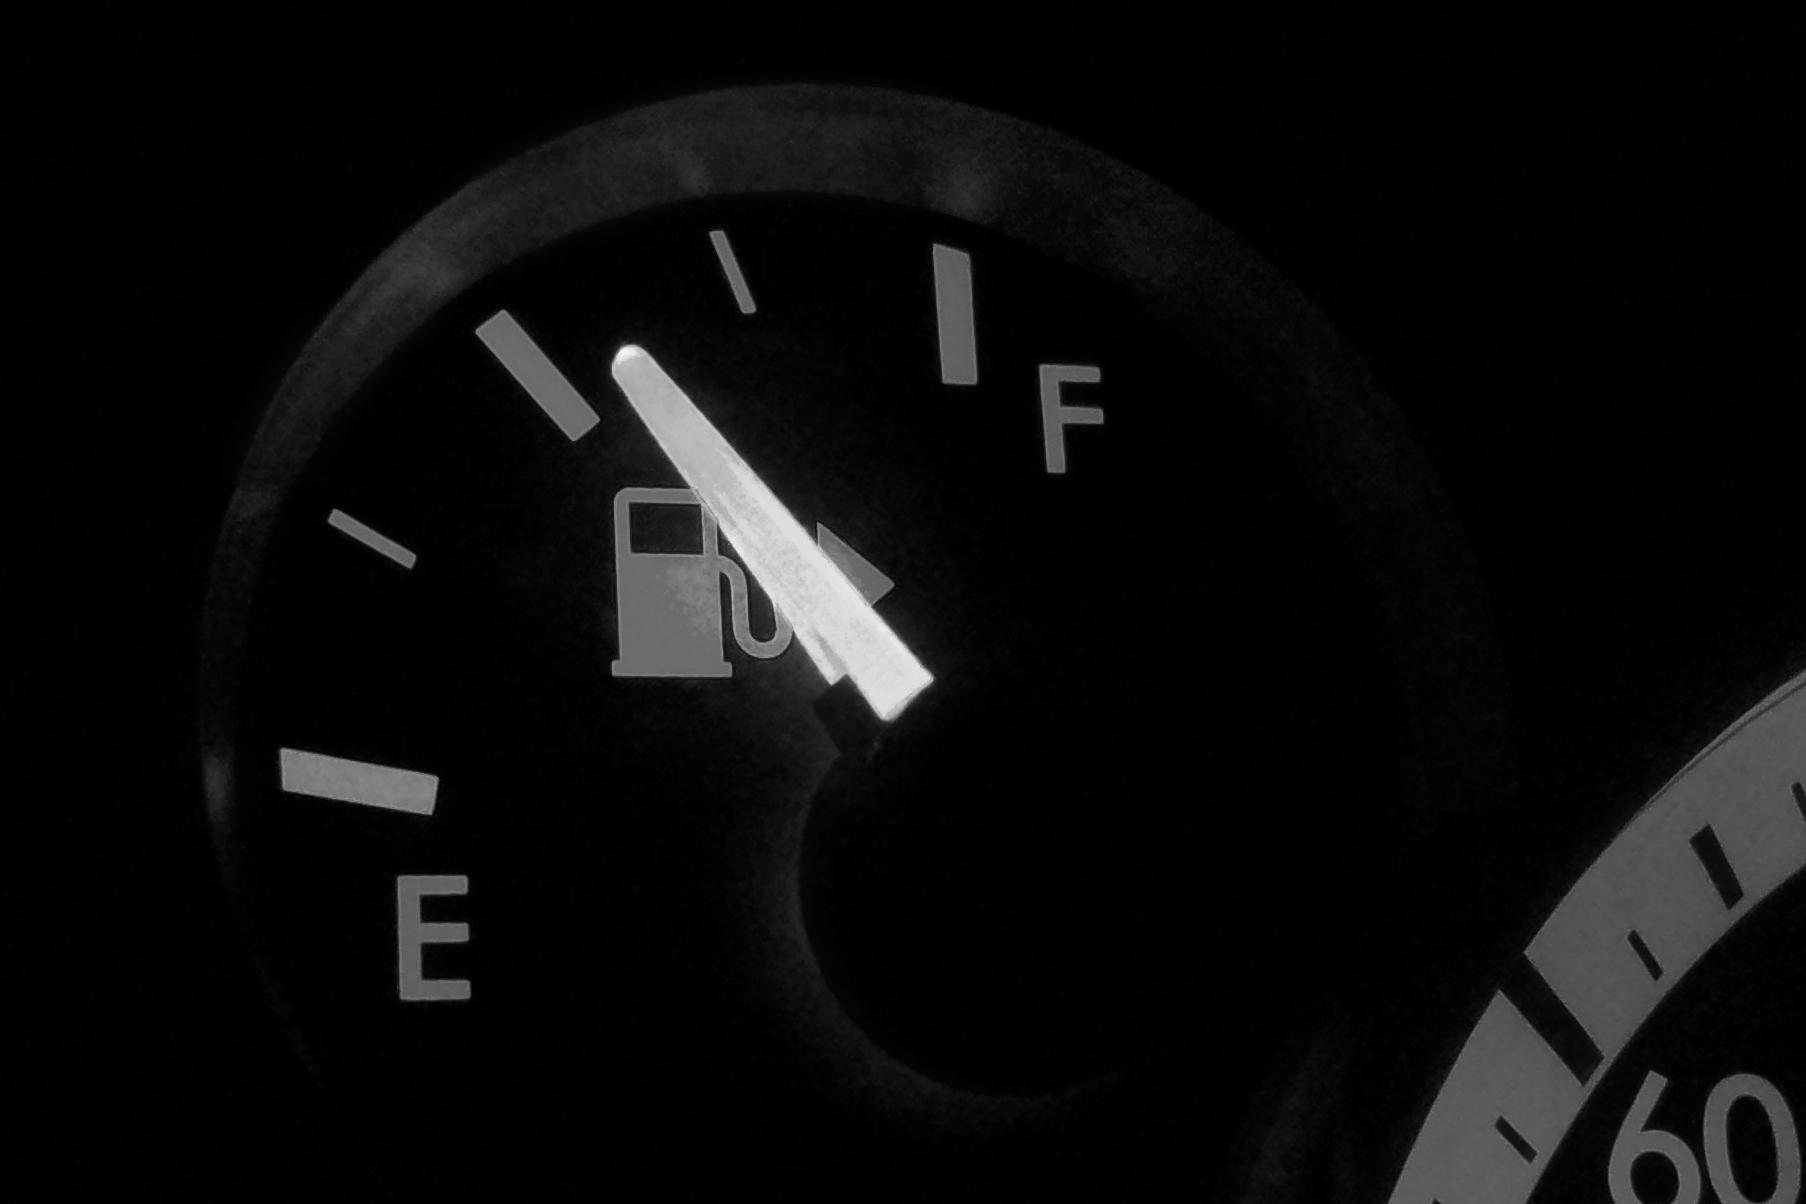 Мониторинг 66.ru: без паники! Бензин подорожал не так сильно, как год назад